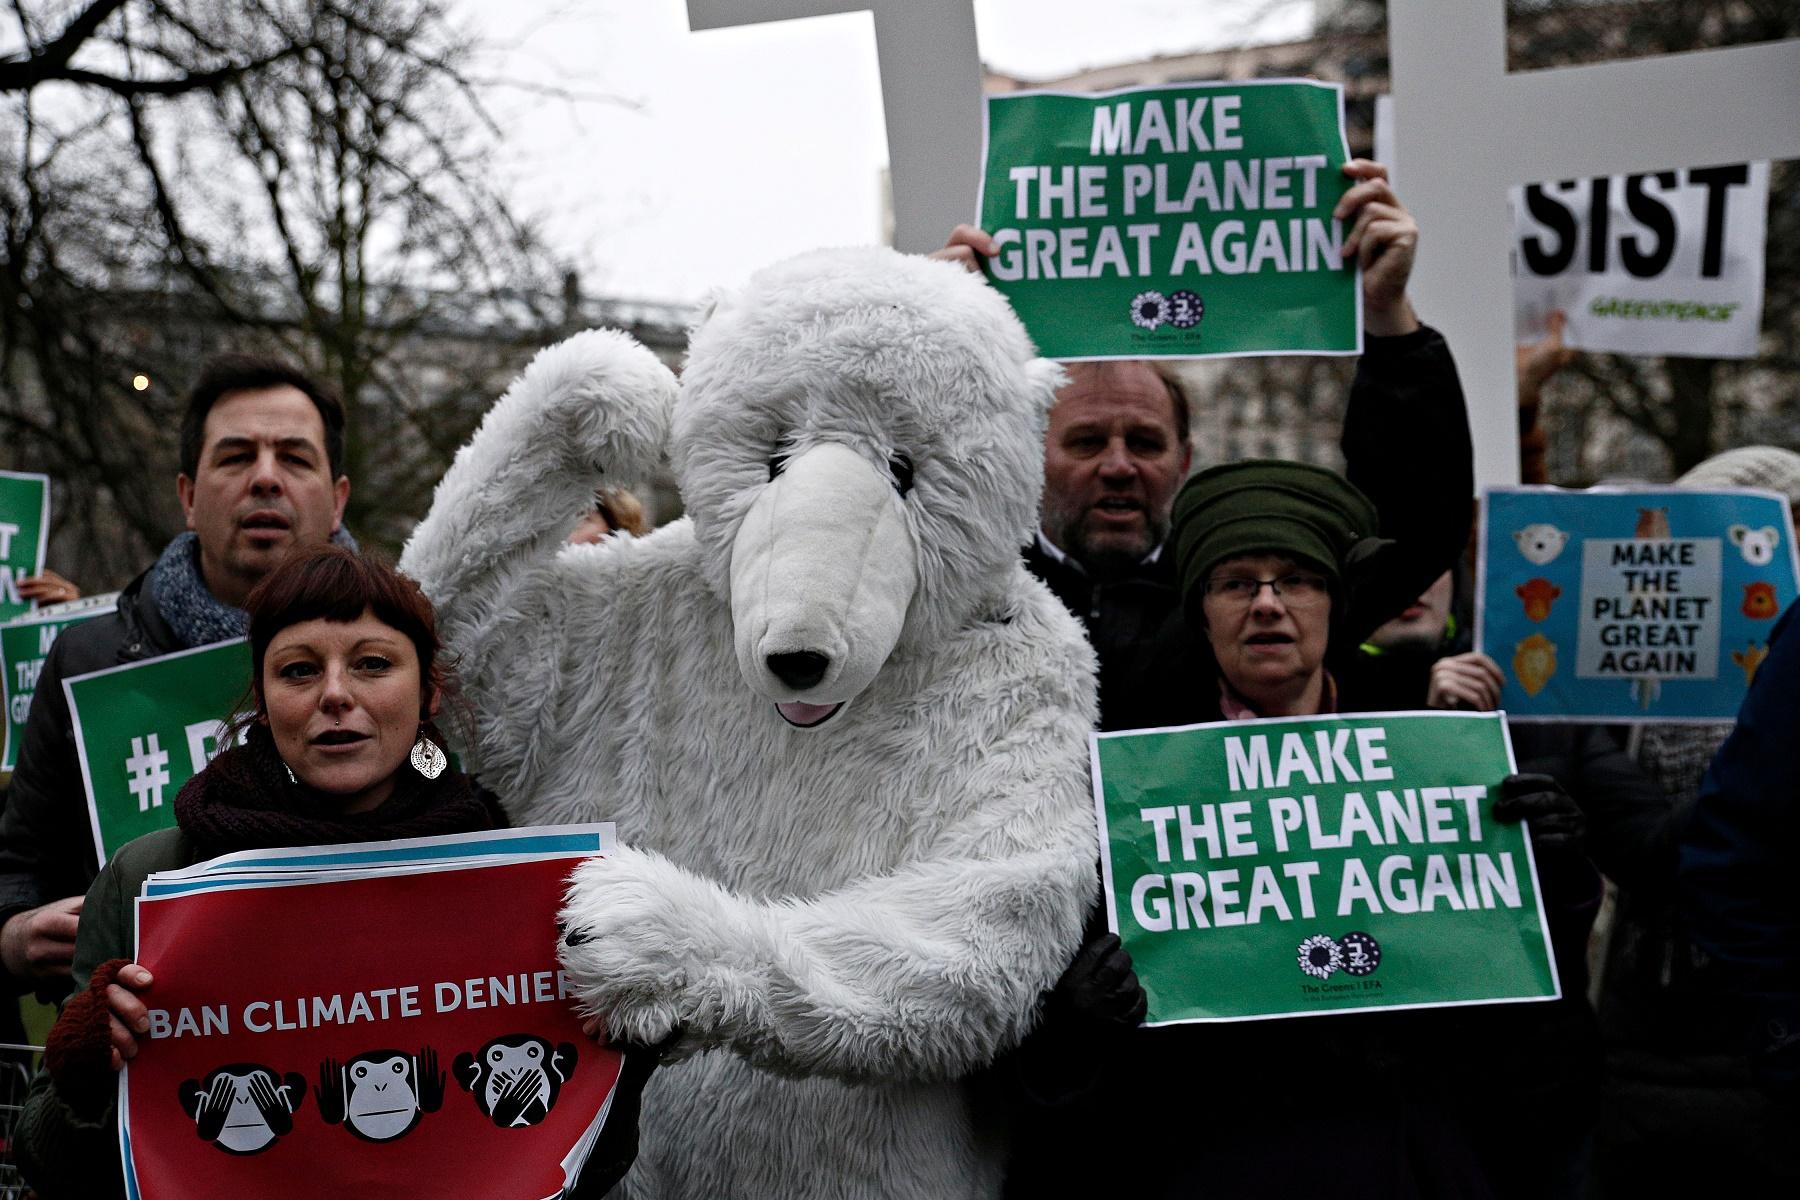 Manifestantes protestam na Bélgica contra a política ambiental dos EUA. Foto de Alexandros Michailidis / SOOC